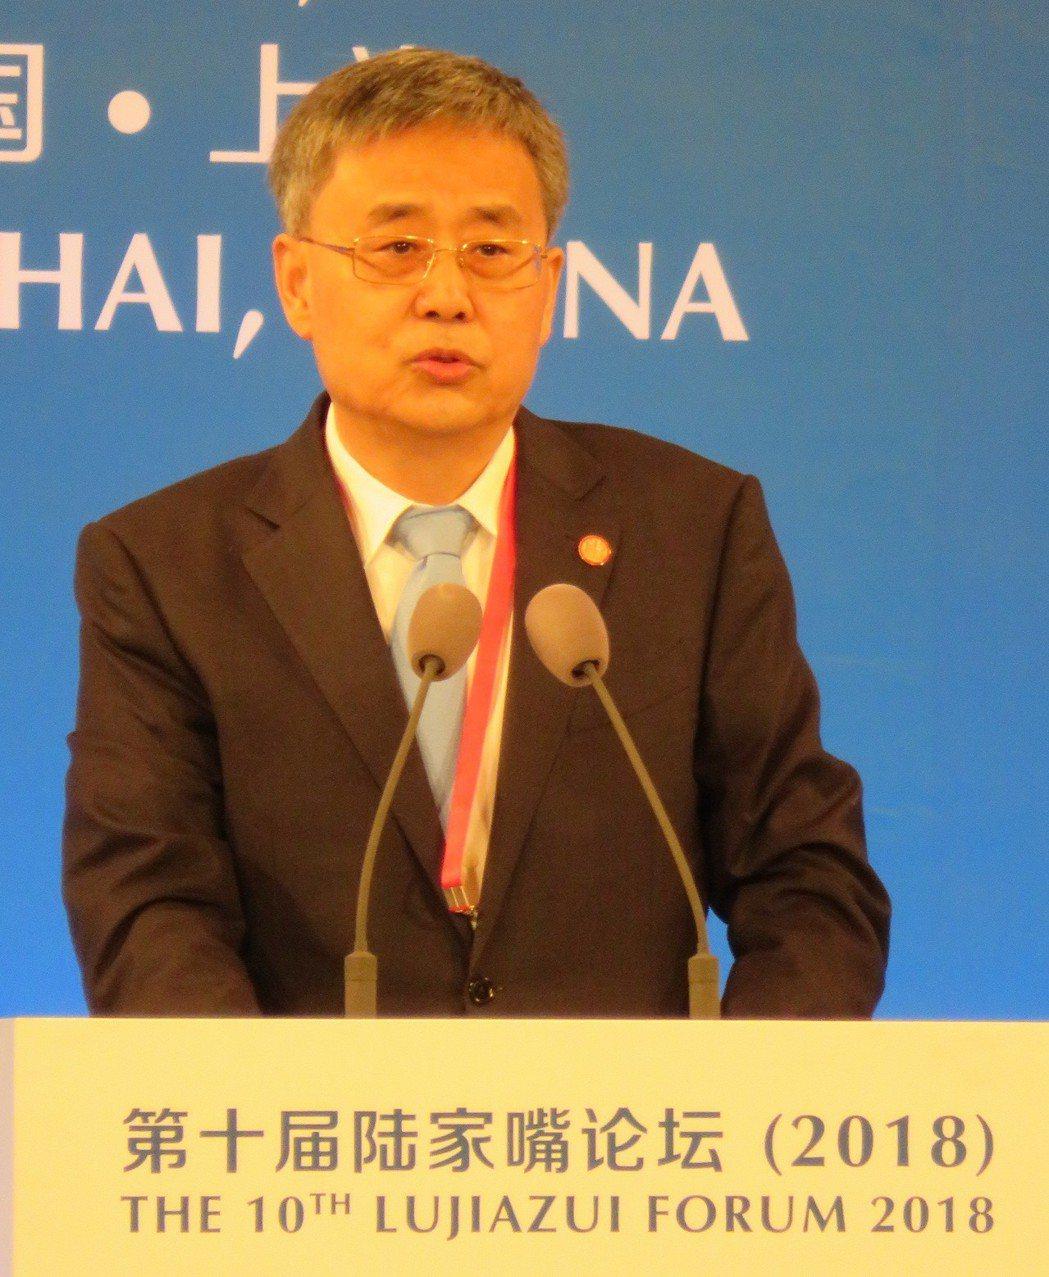 中國銀行保險監督管理委員會主席郭樹清提出,要採取「群眾路線」來防範化解金融風險,...